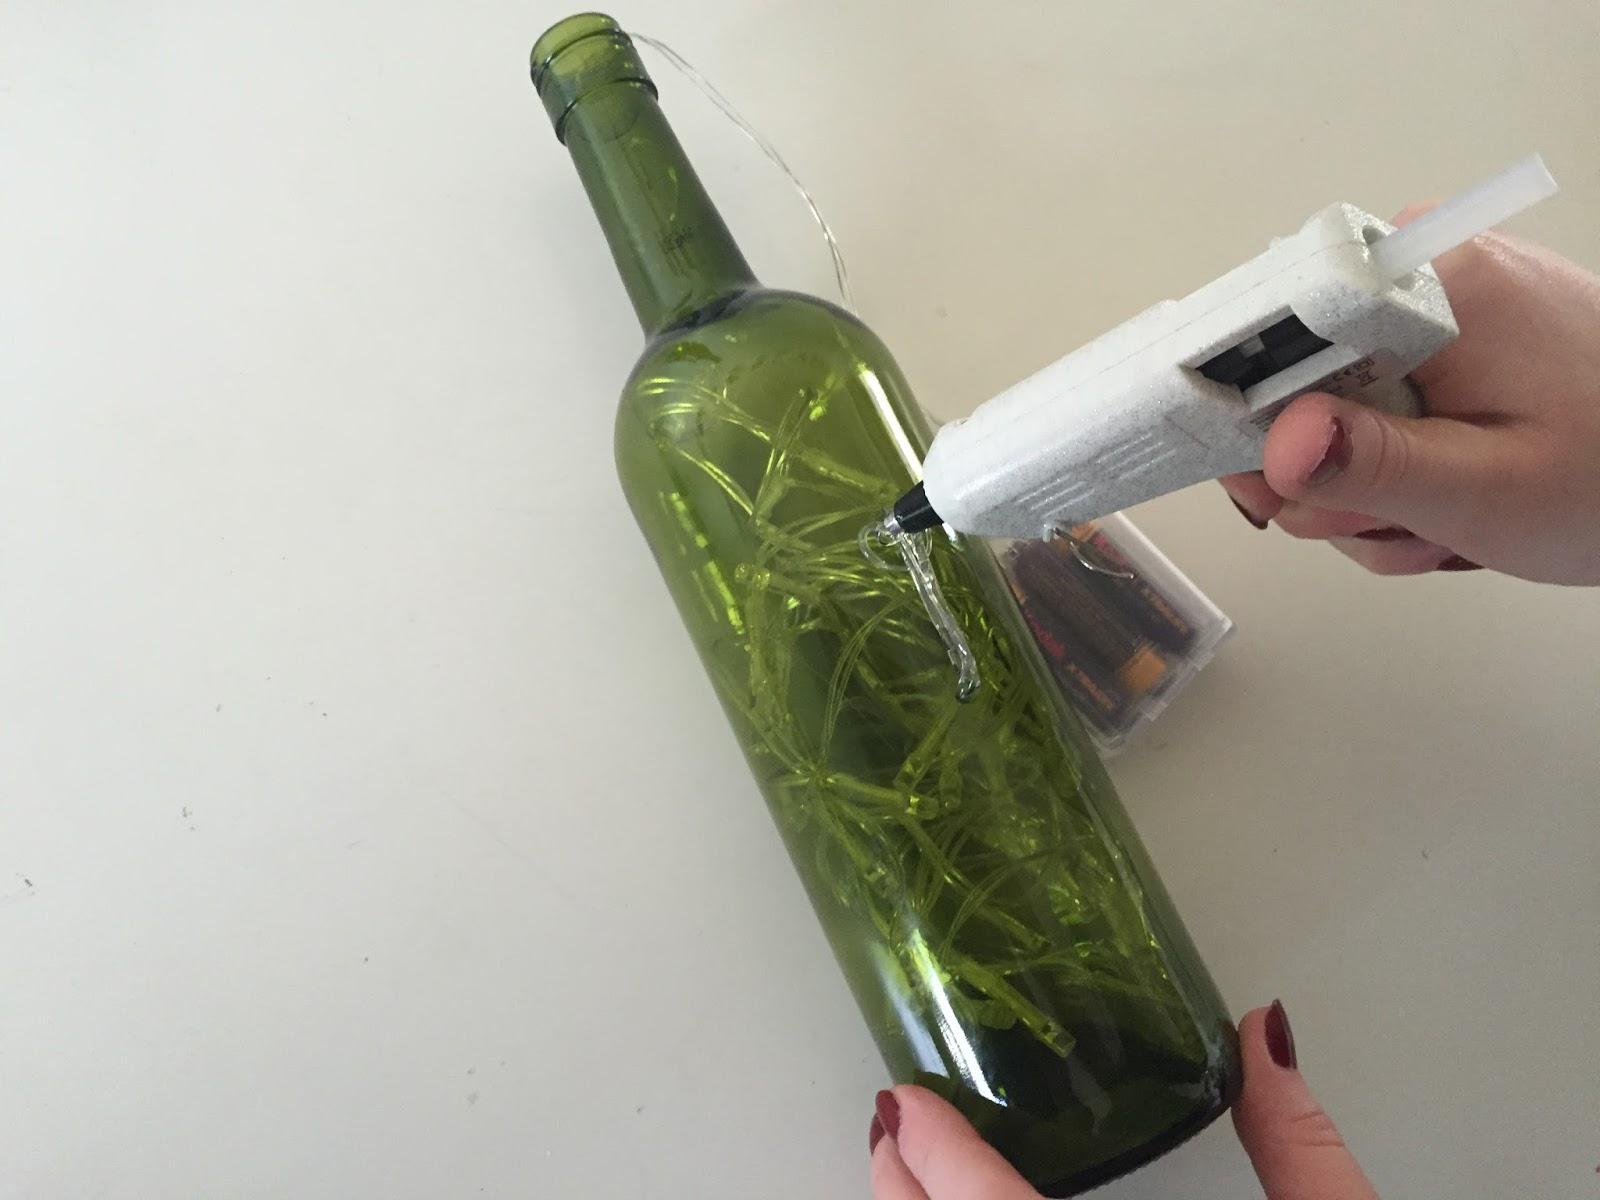 DIY Wine bottle lights : Bits and Bobs